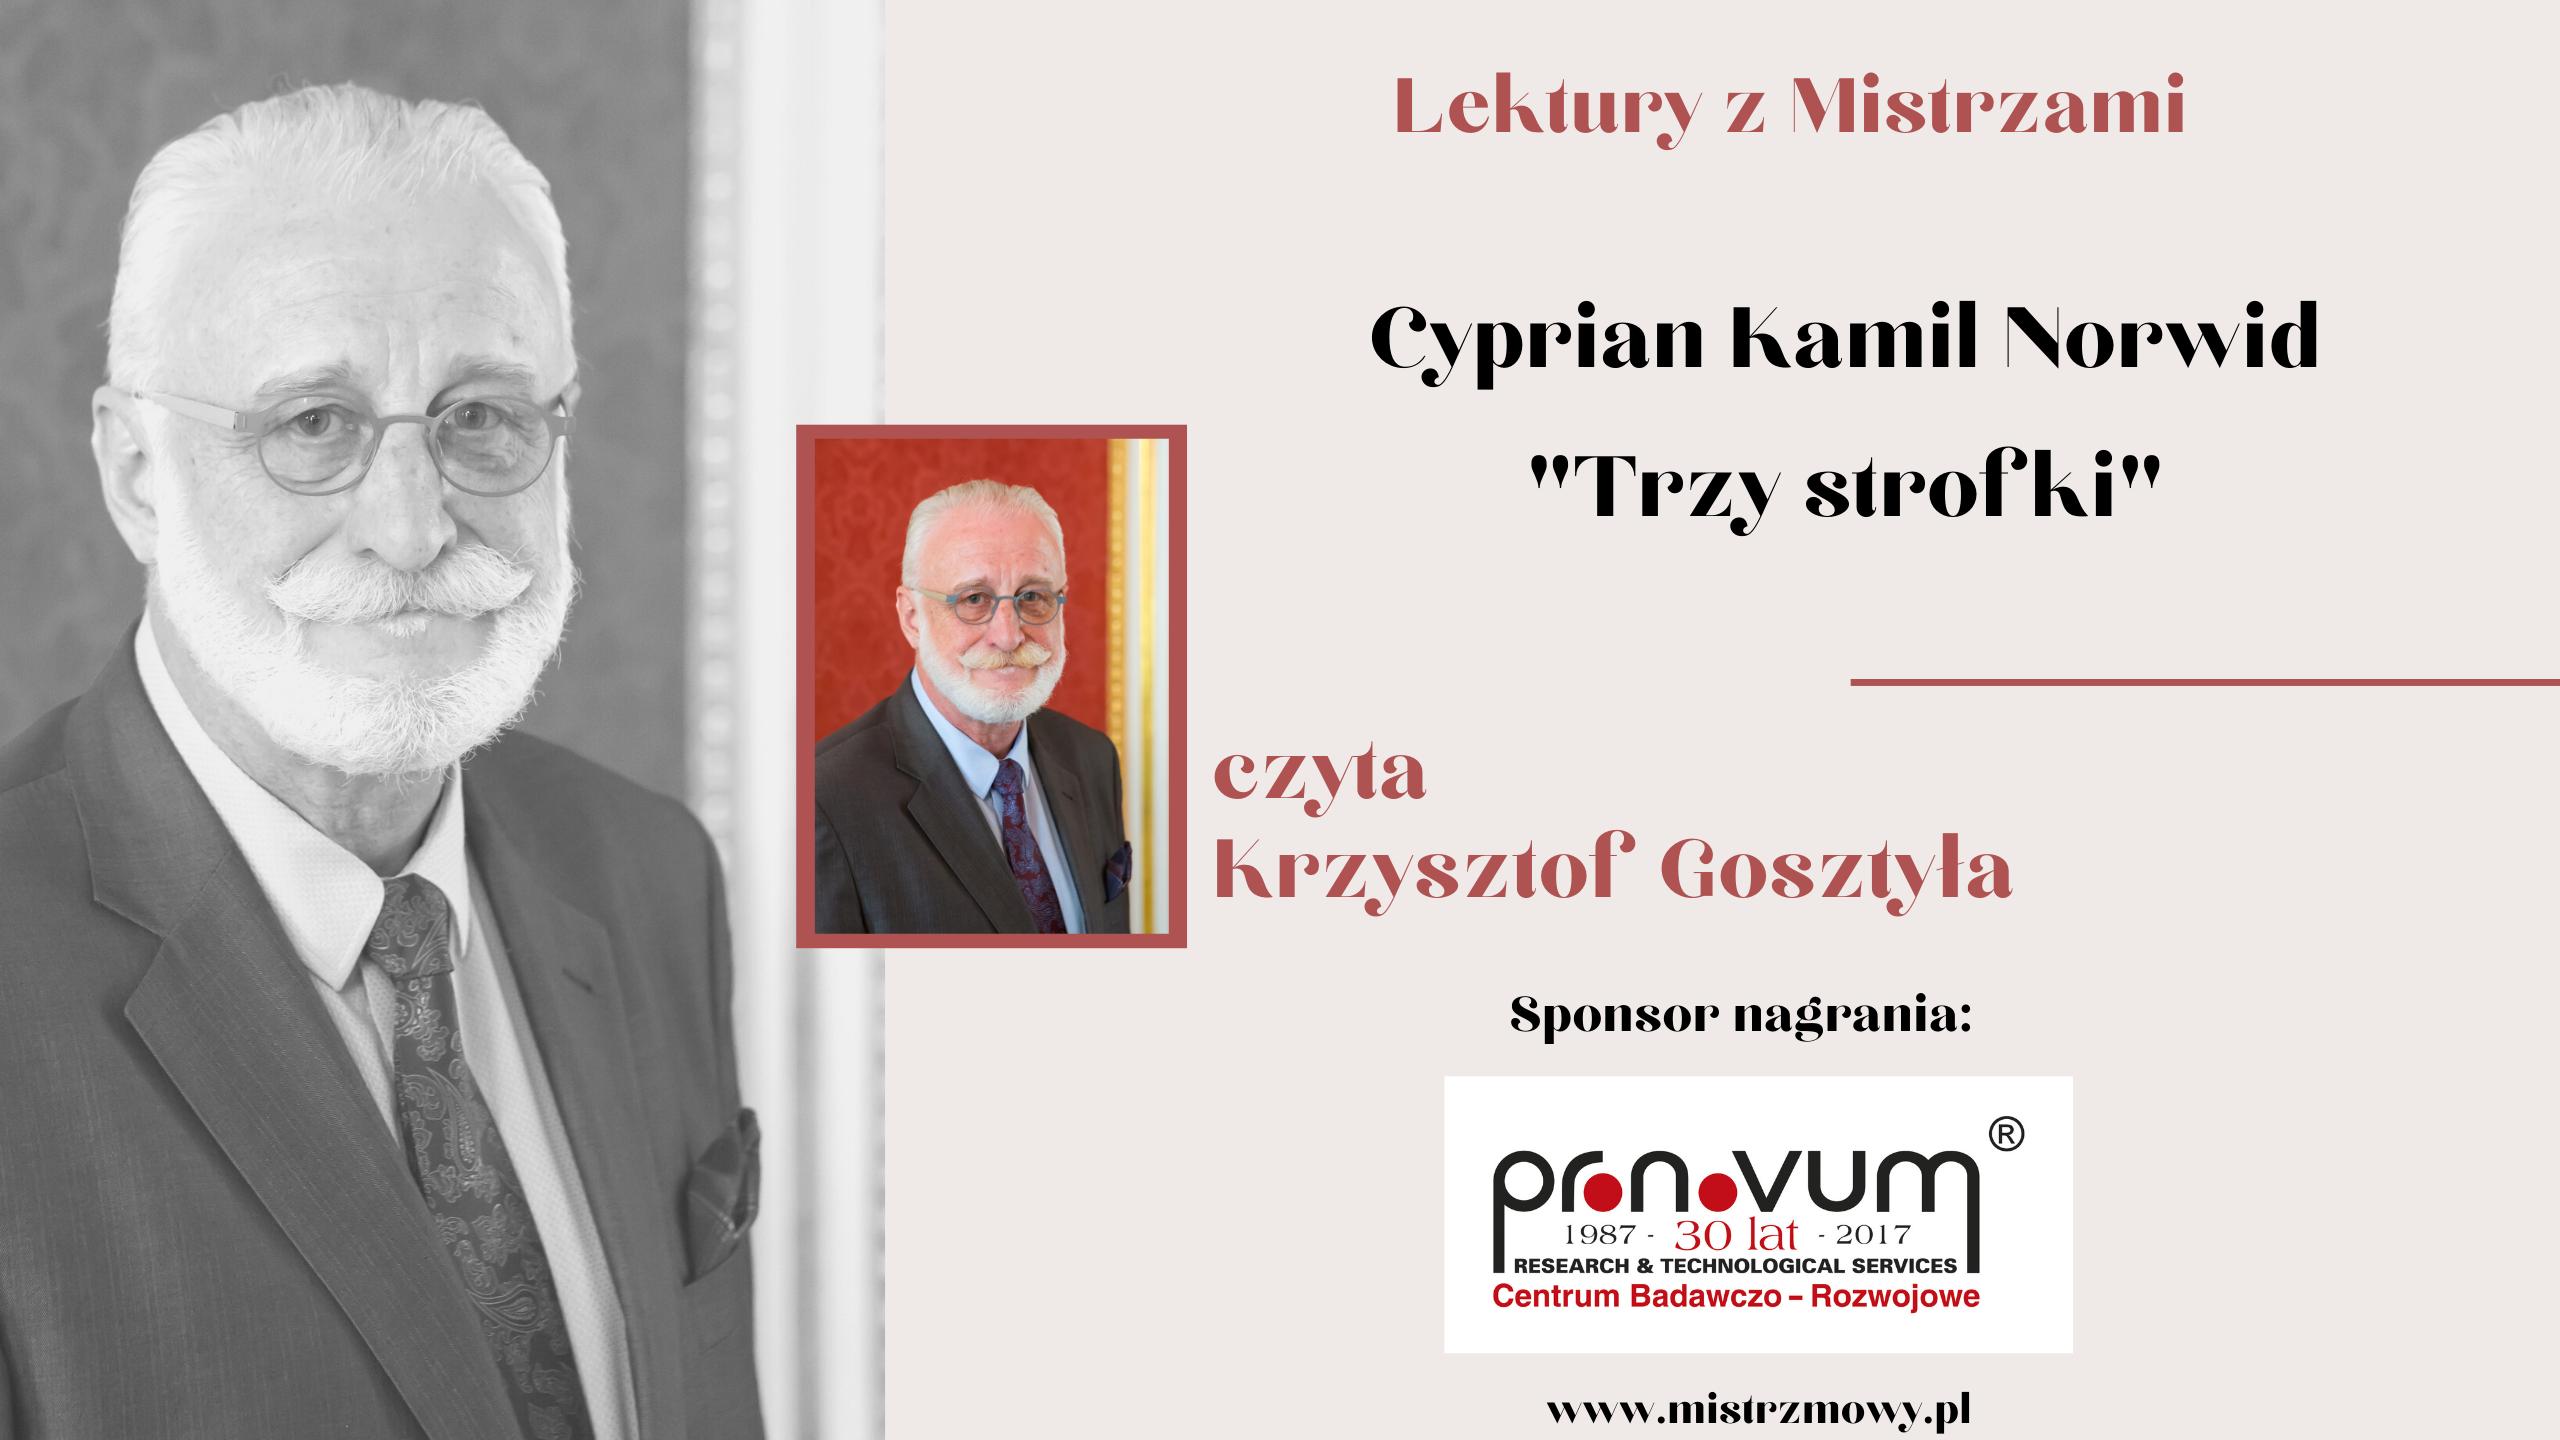 Cyprian Kamil Norwid - Trzy strofki